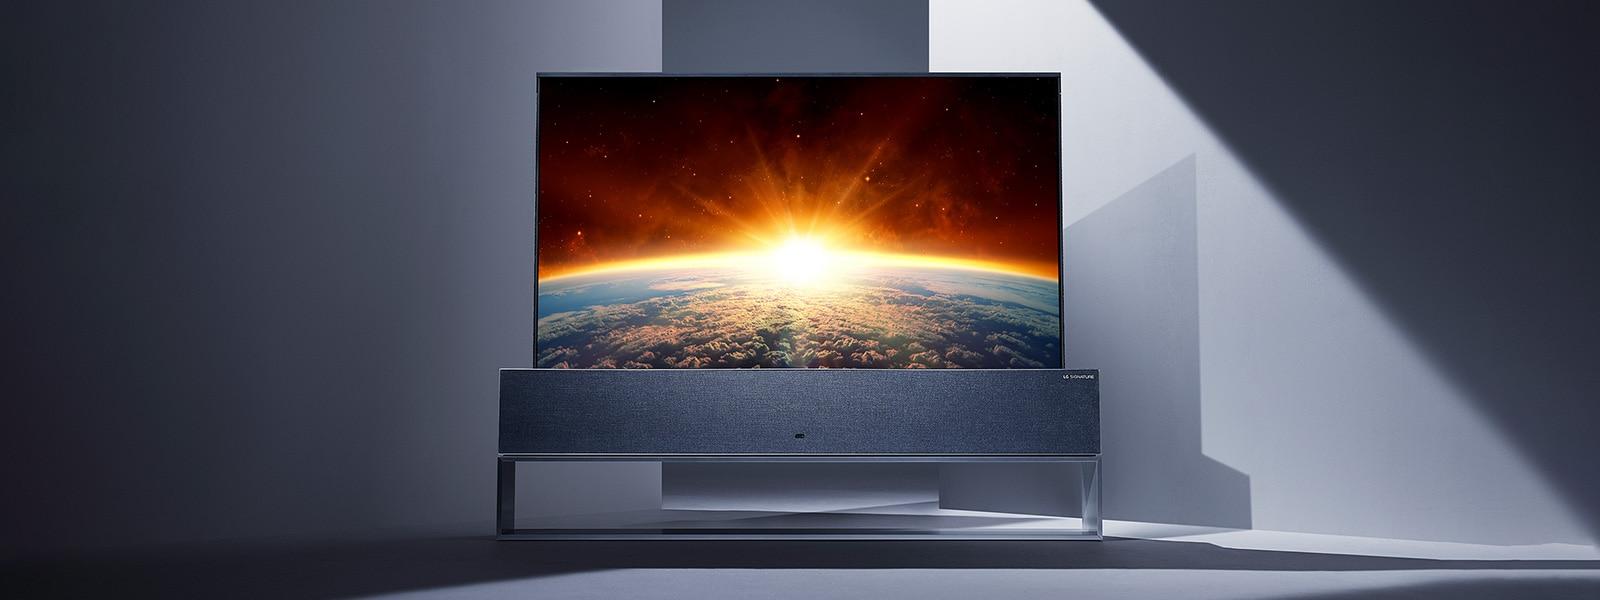 Изображение телевизора на колесиках LG SIGNATURE на колесиках в полный рост в центре серого пространства.